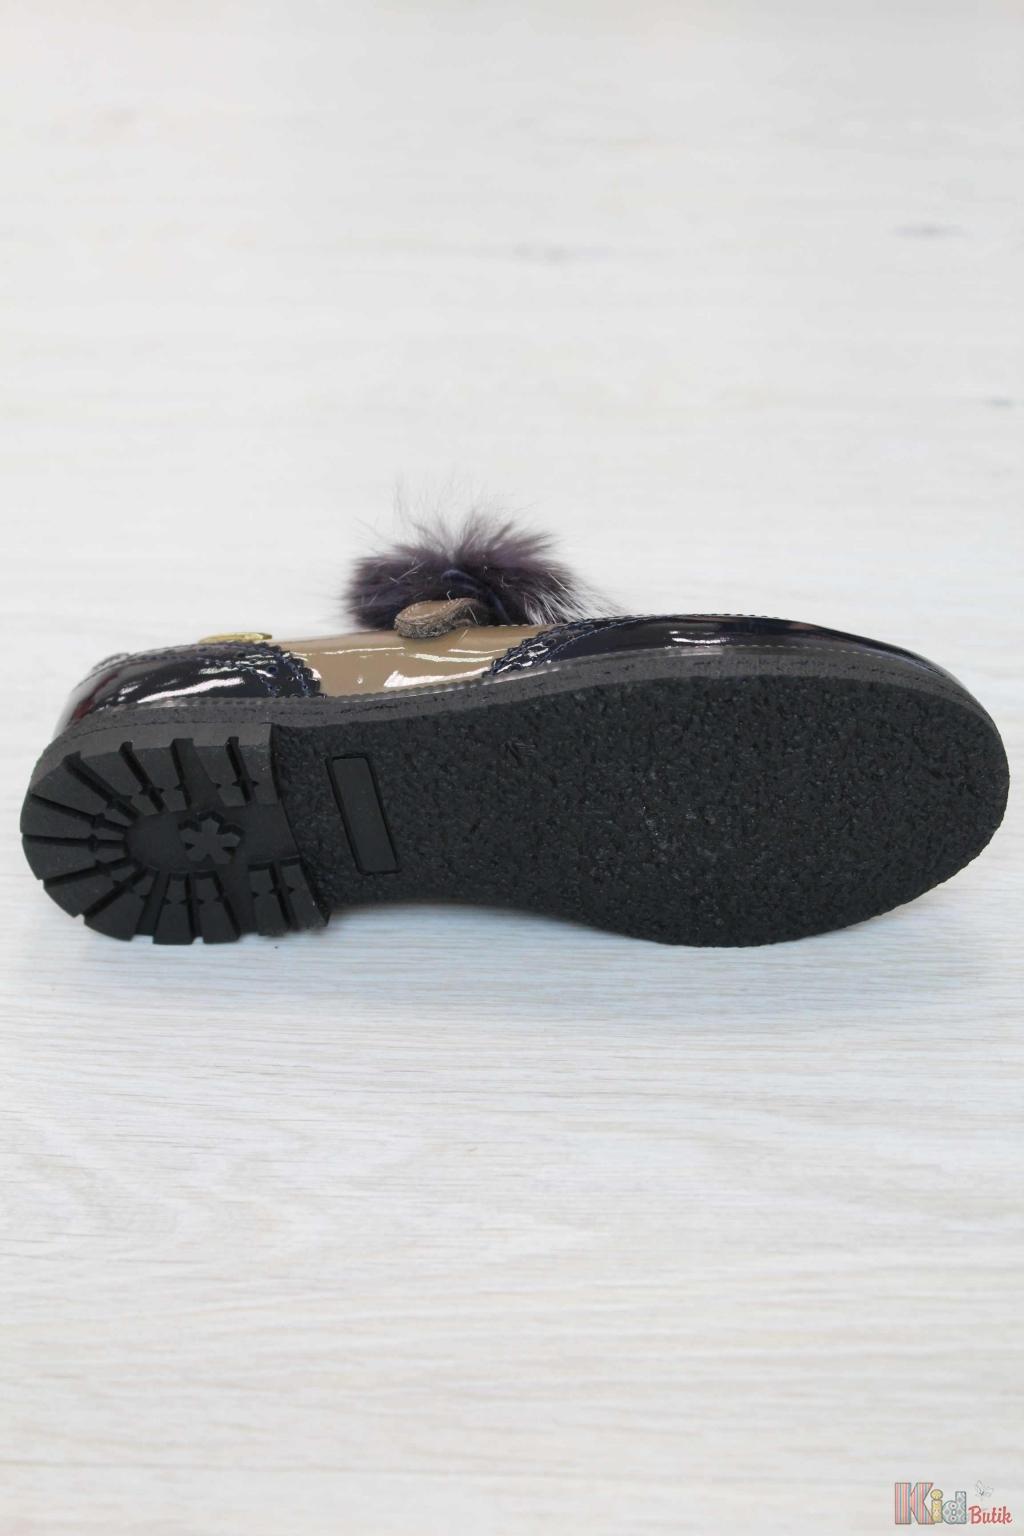 96e52ba65f91aa ᐈ Туфлі для дівчинки Bartek 18-25637/SZ/1HIX купити недорого в ...